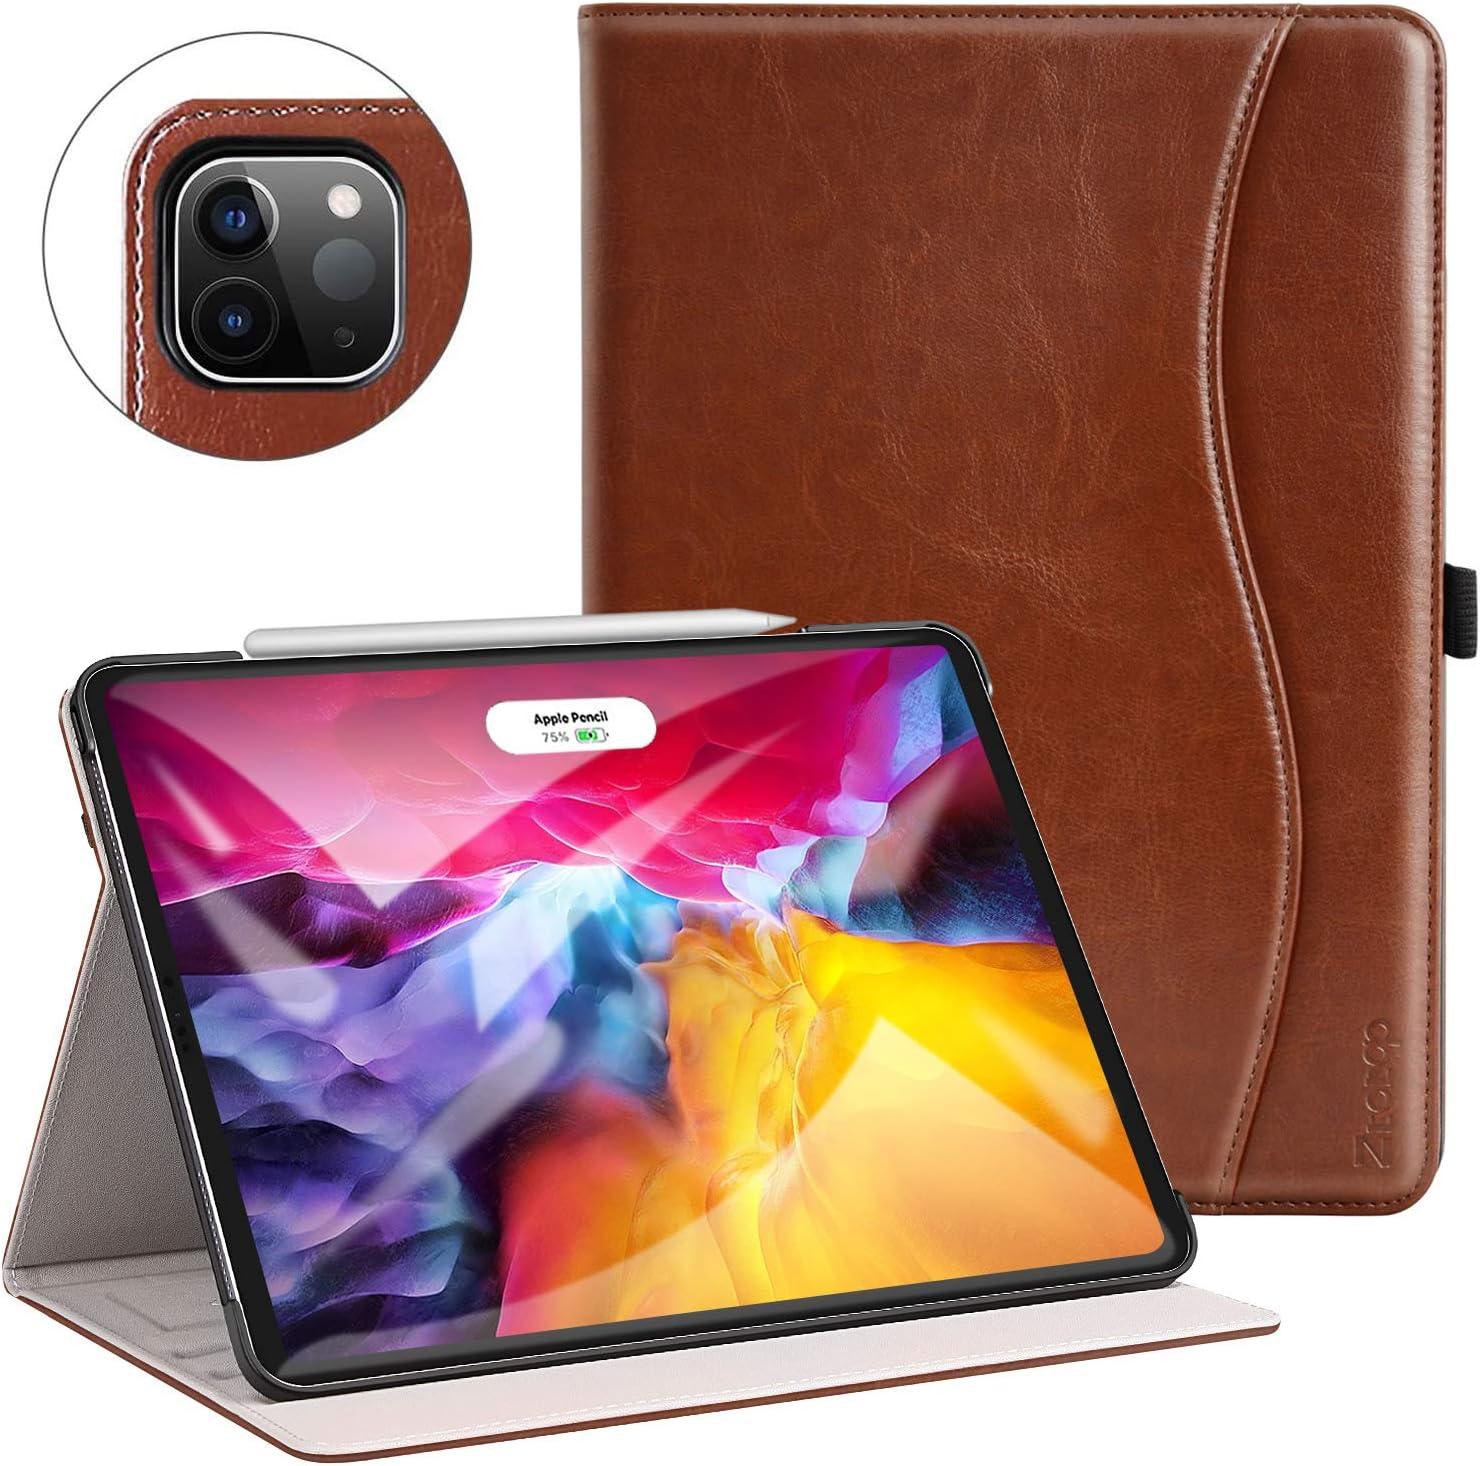 ZtotopCase Funda para iPad Pro 11 2020(2da generación) [Compatible con la Carga de Pencil],Carcasa de Cuero con Bolsillo y Soporte,Función de Auto-Sueño/Estela,Múltiples ángulos,Marrón